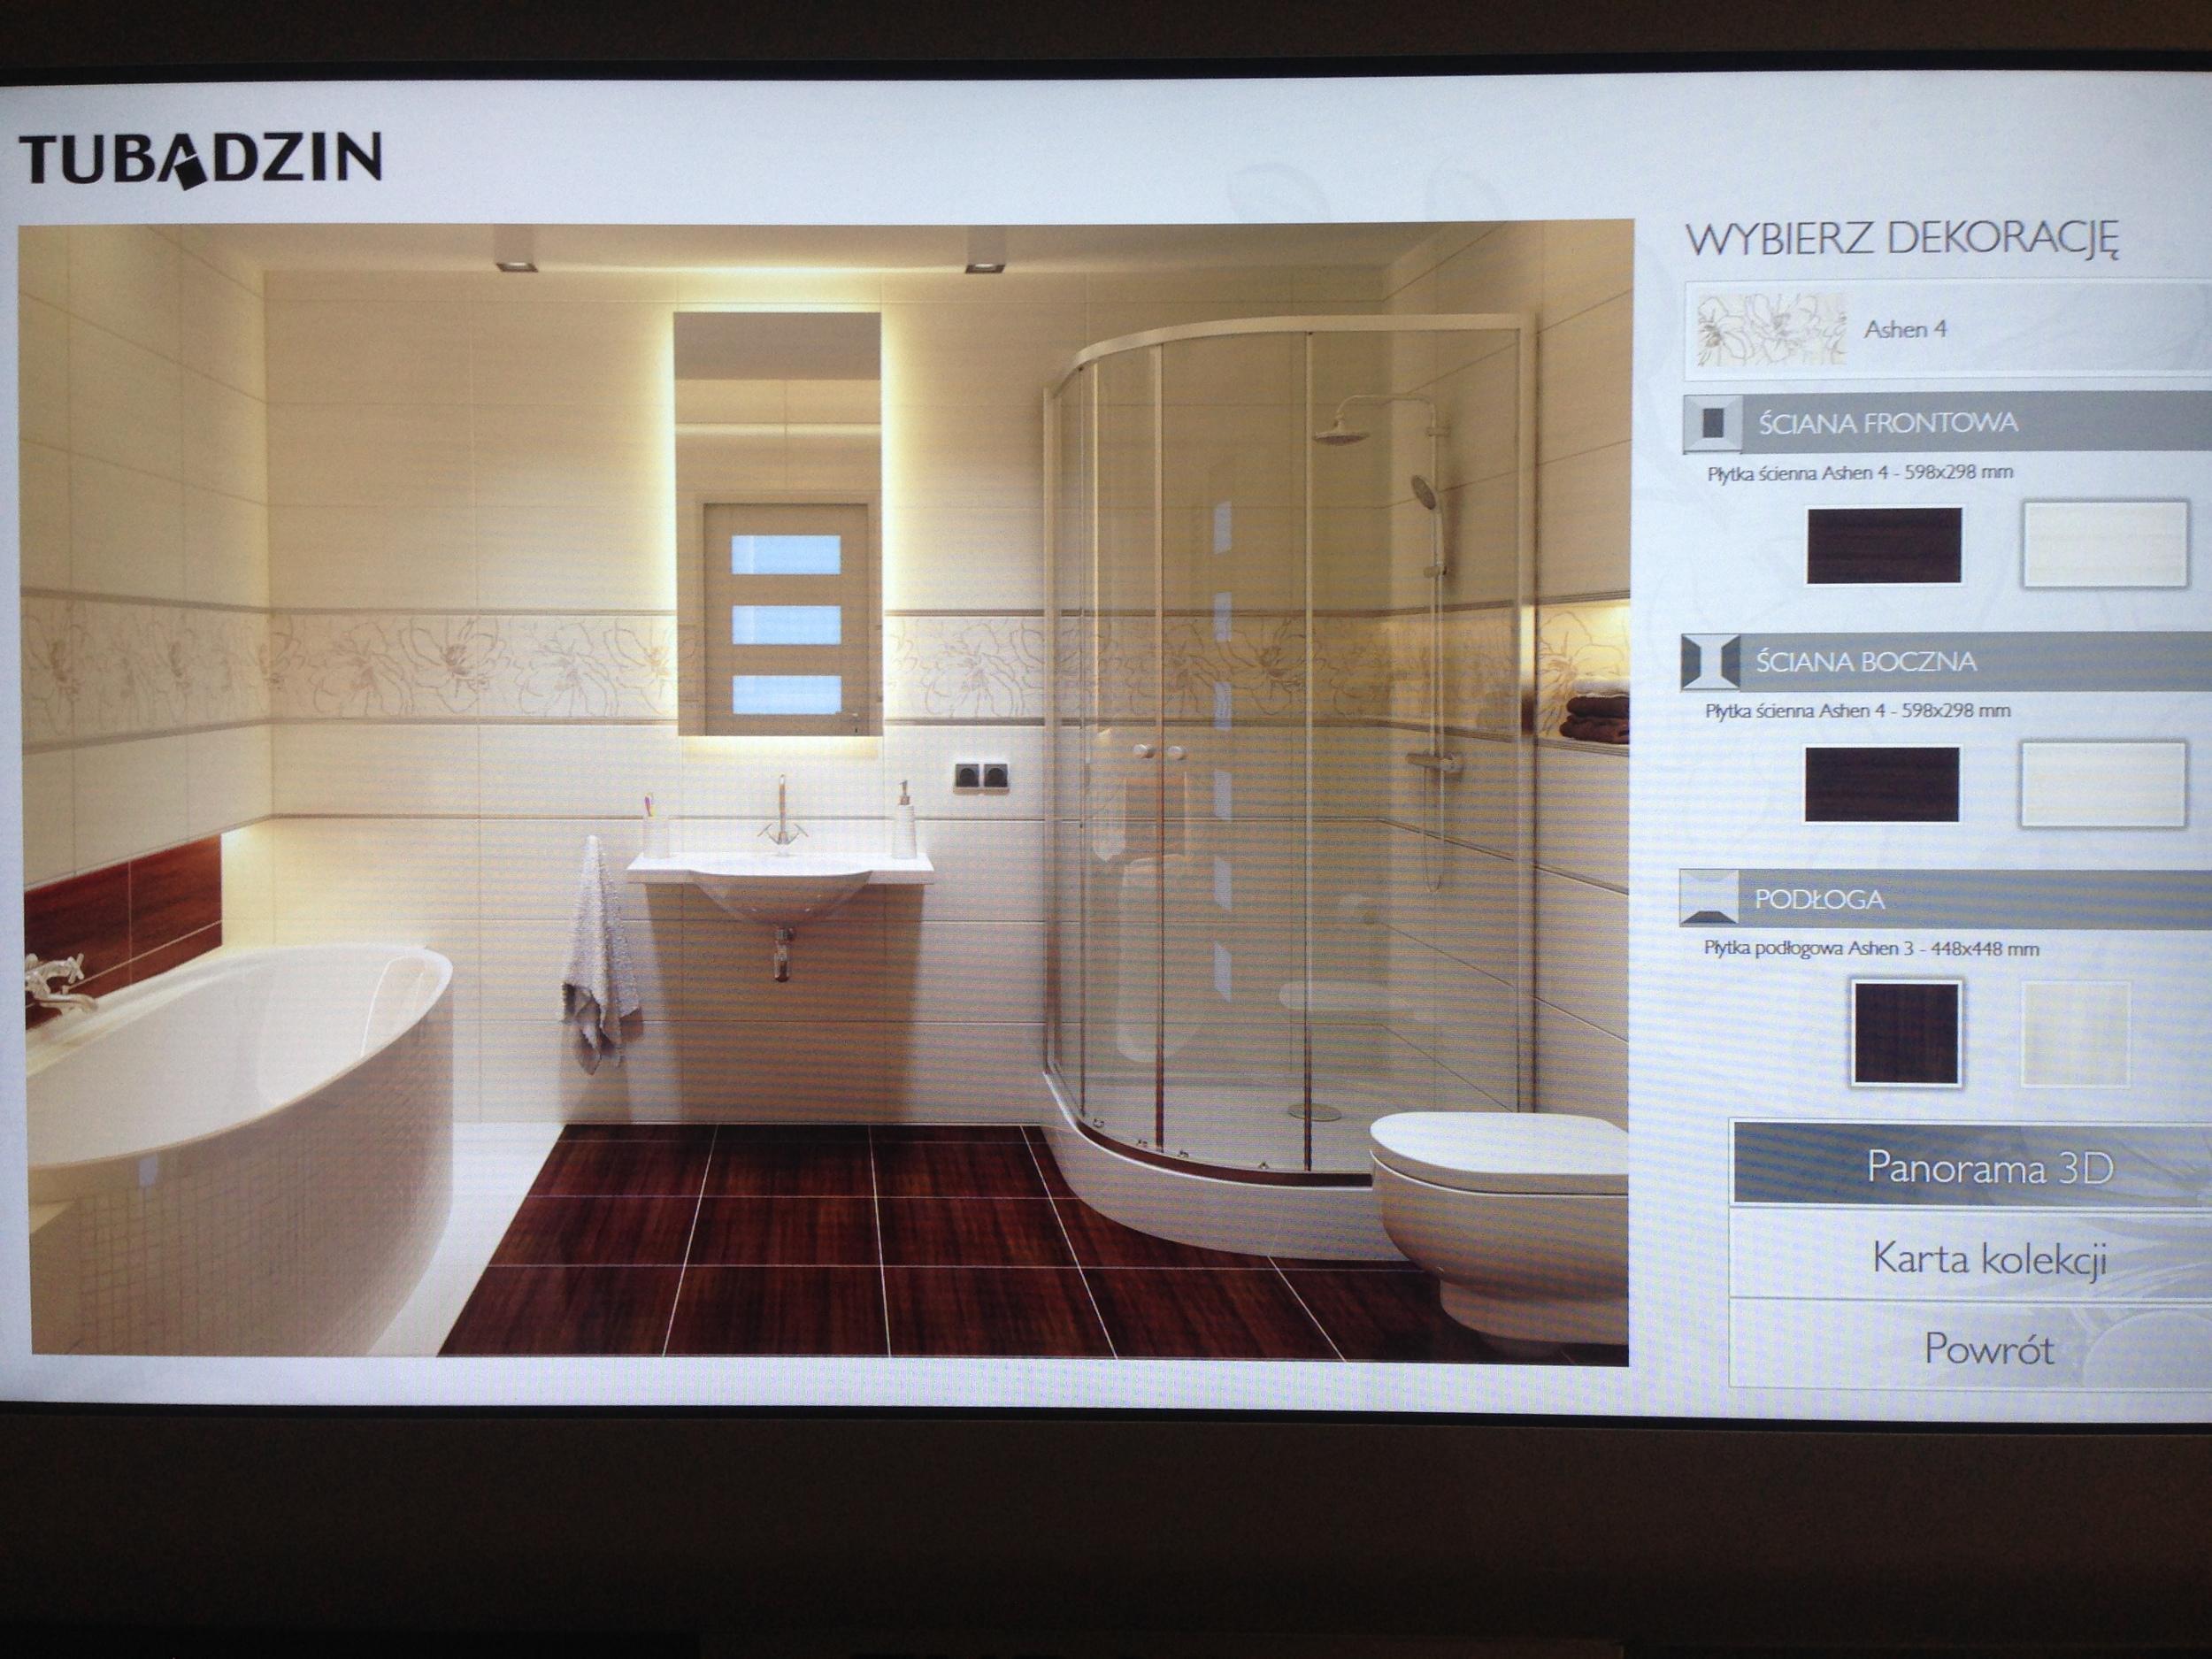 Szablon łazienki z prysznicem i wanną